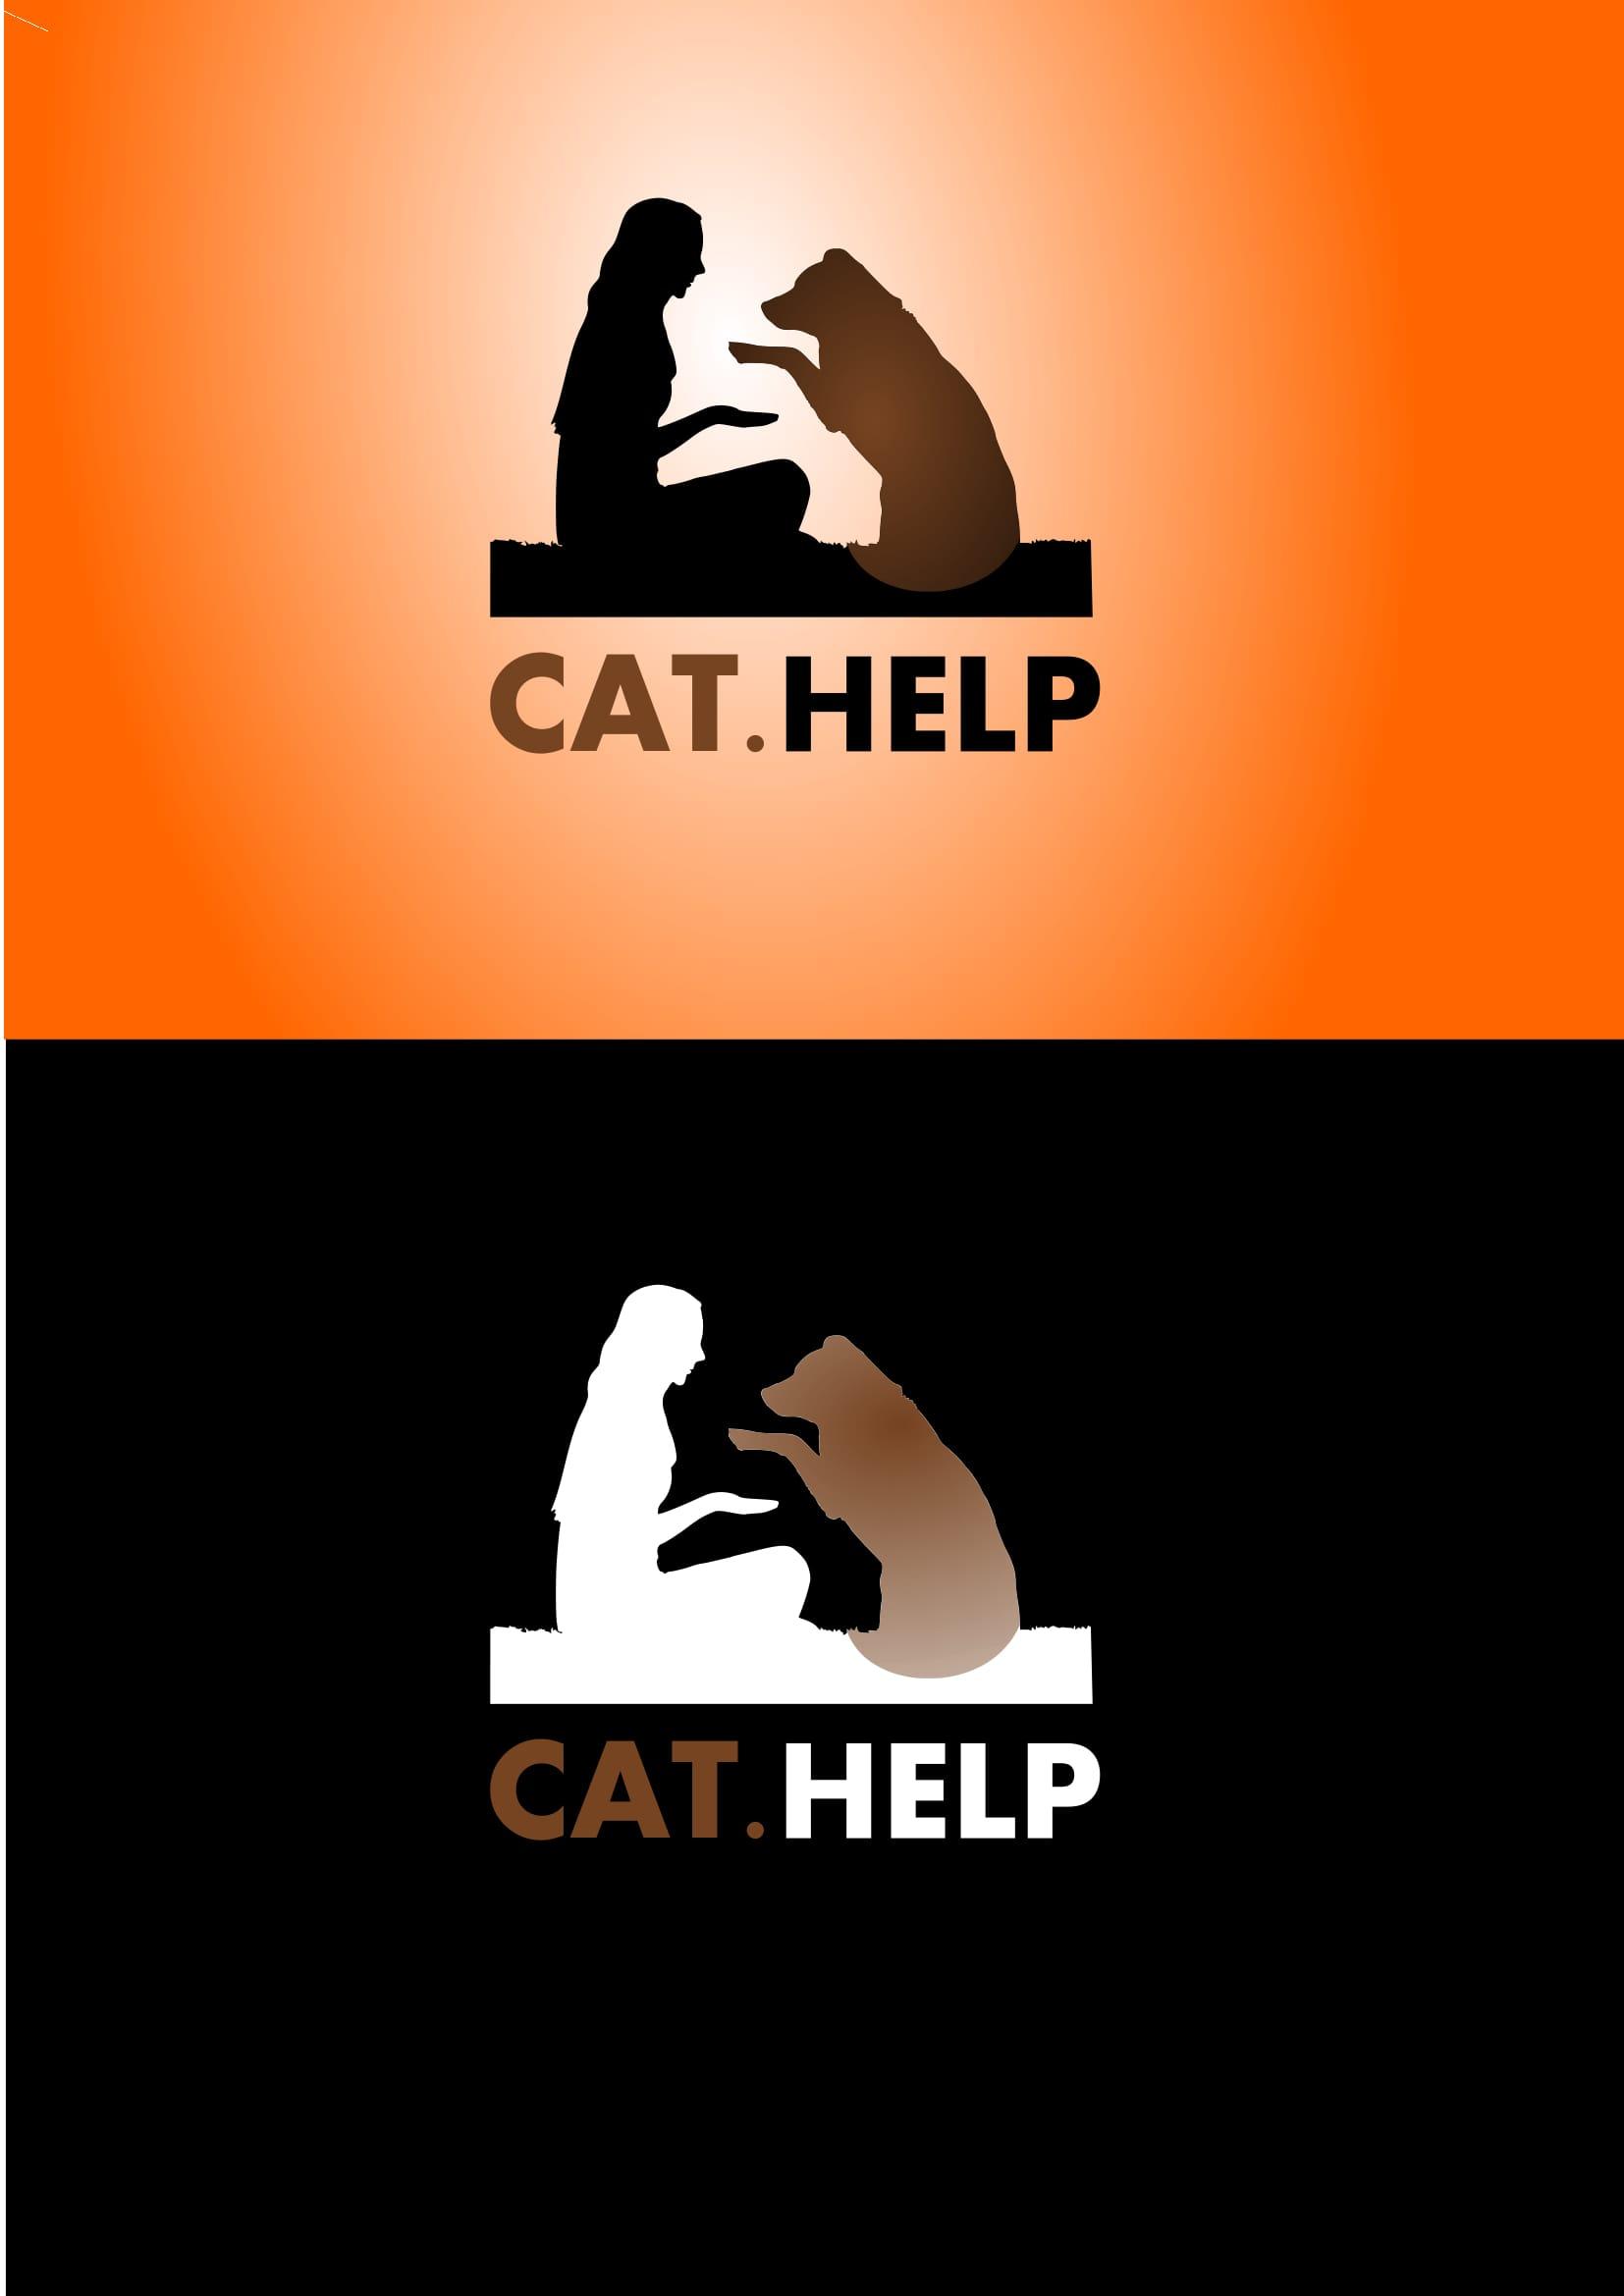 логотип для сайта и группы вк - cat.help фото f_21859dc9a5ec9d2a.jpg